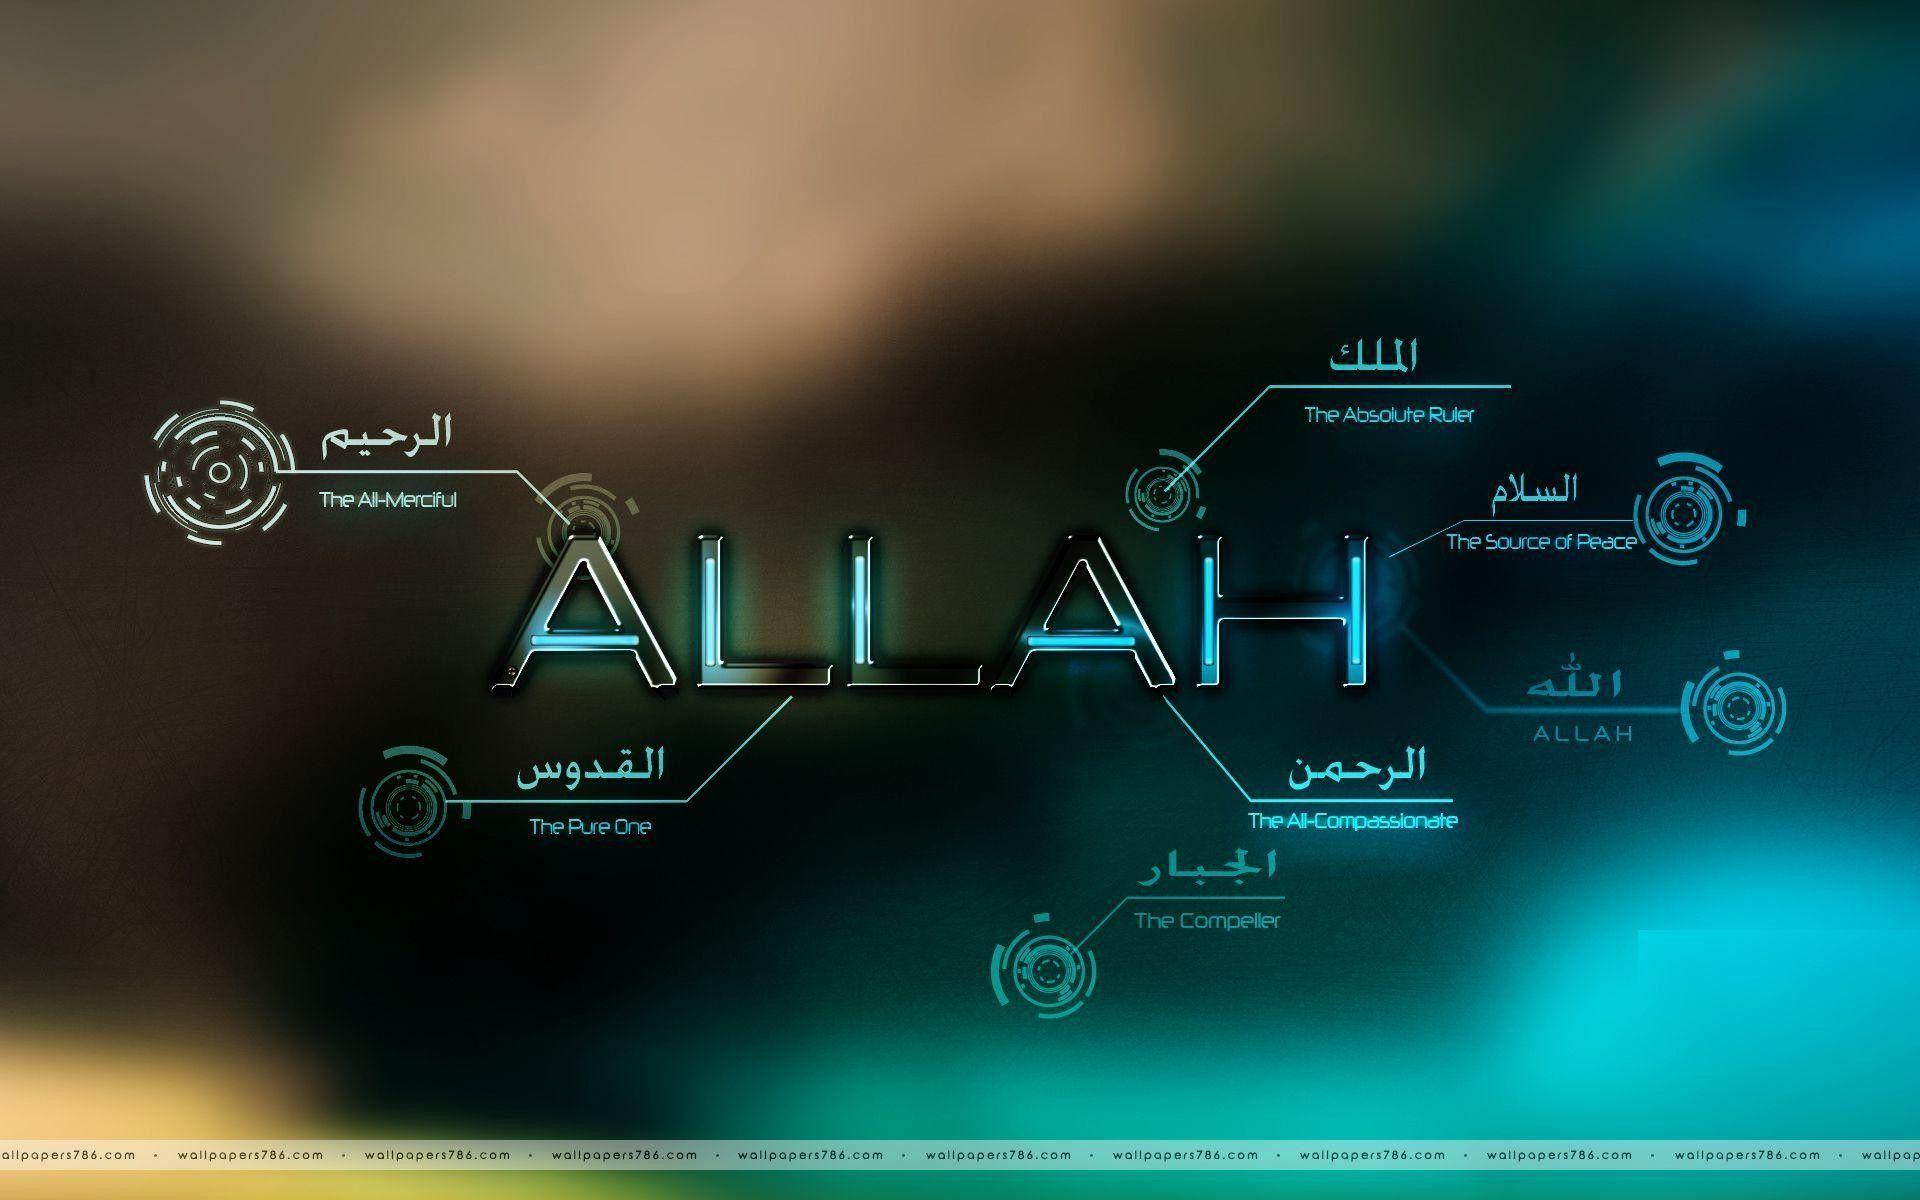 1920x1200 Allahu hình nền